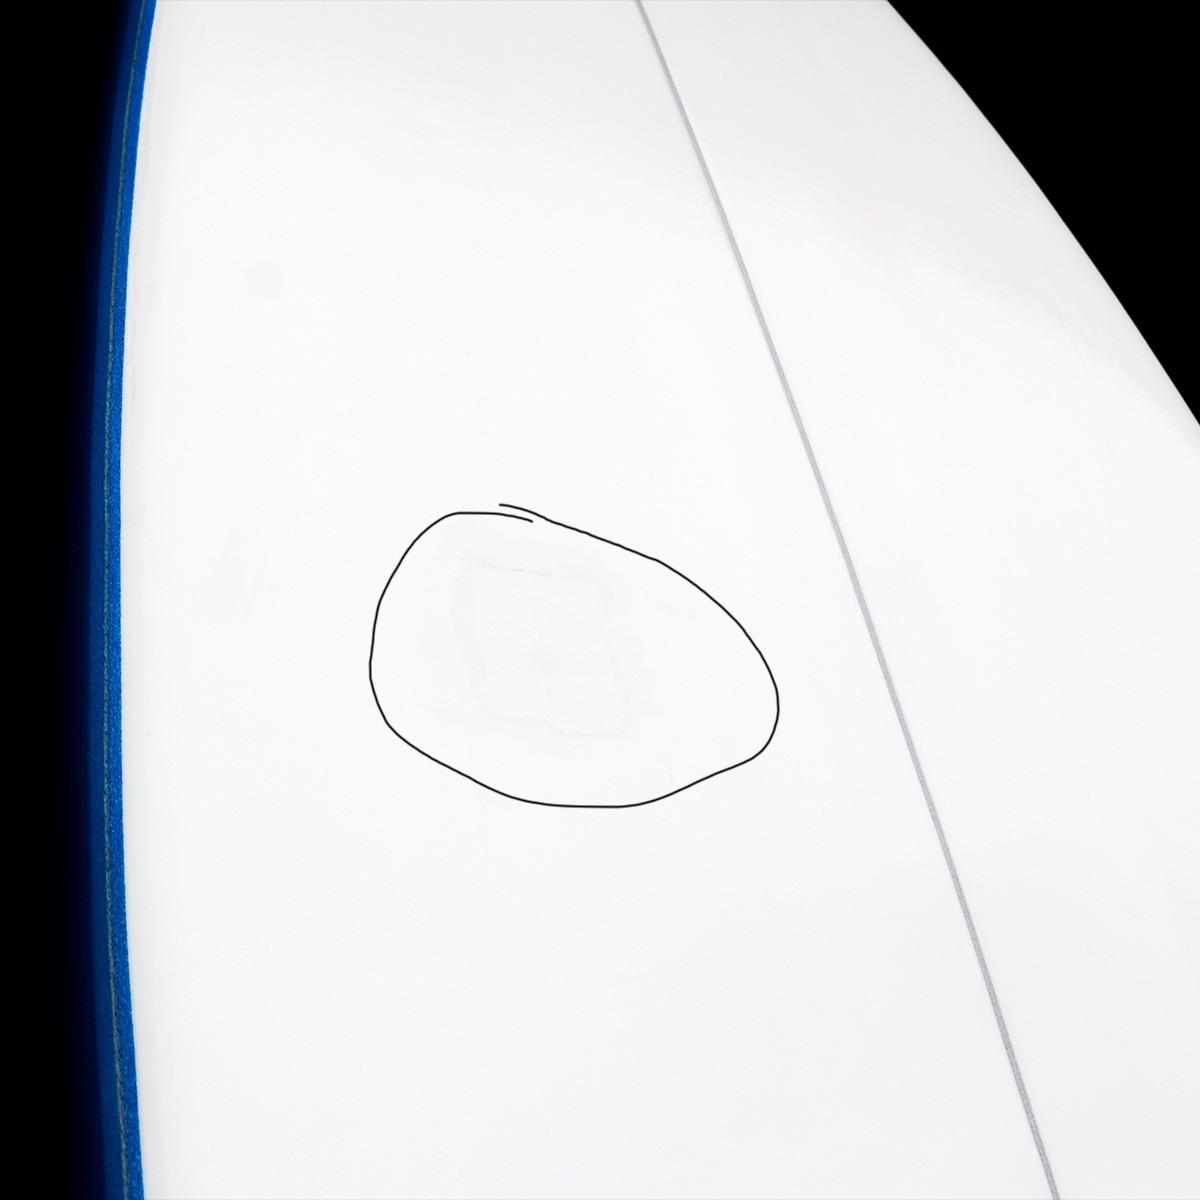 Prancha de stand up paddle 10 pés soft + kit remada - Outlet 36